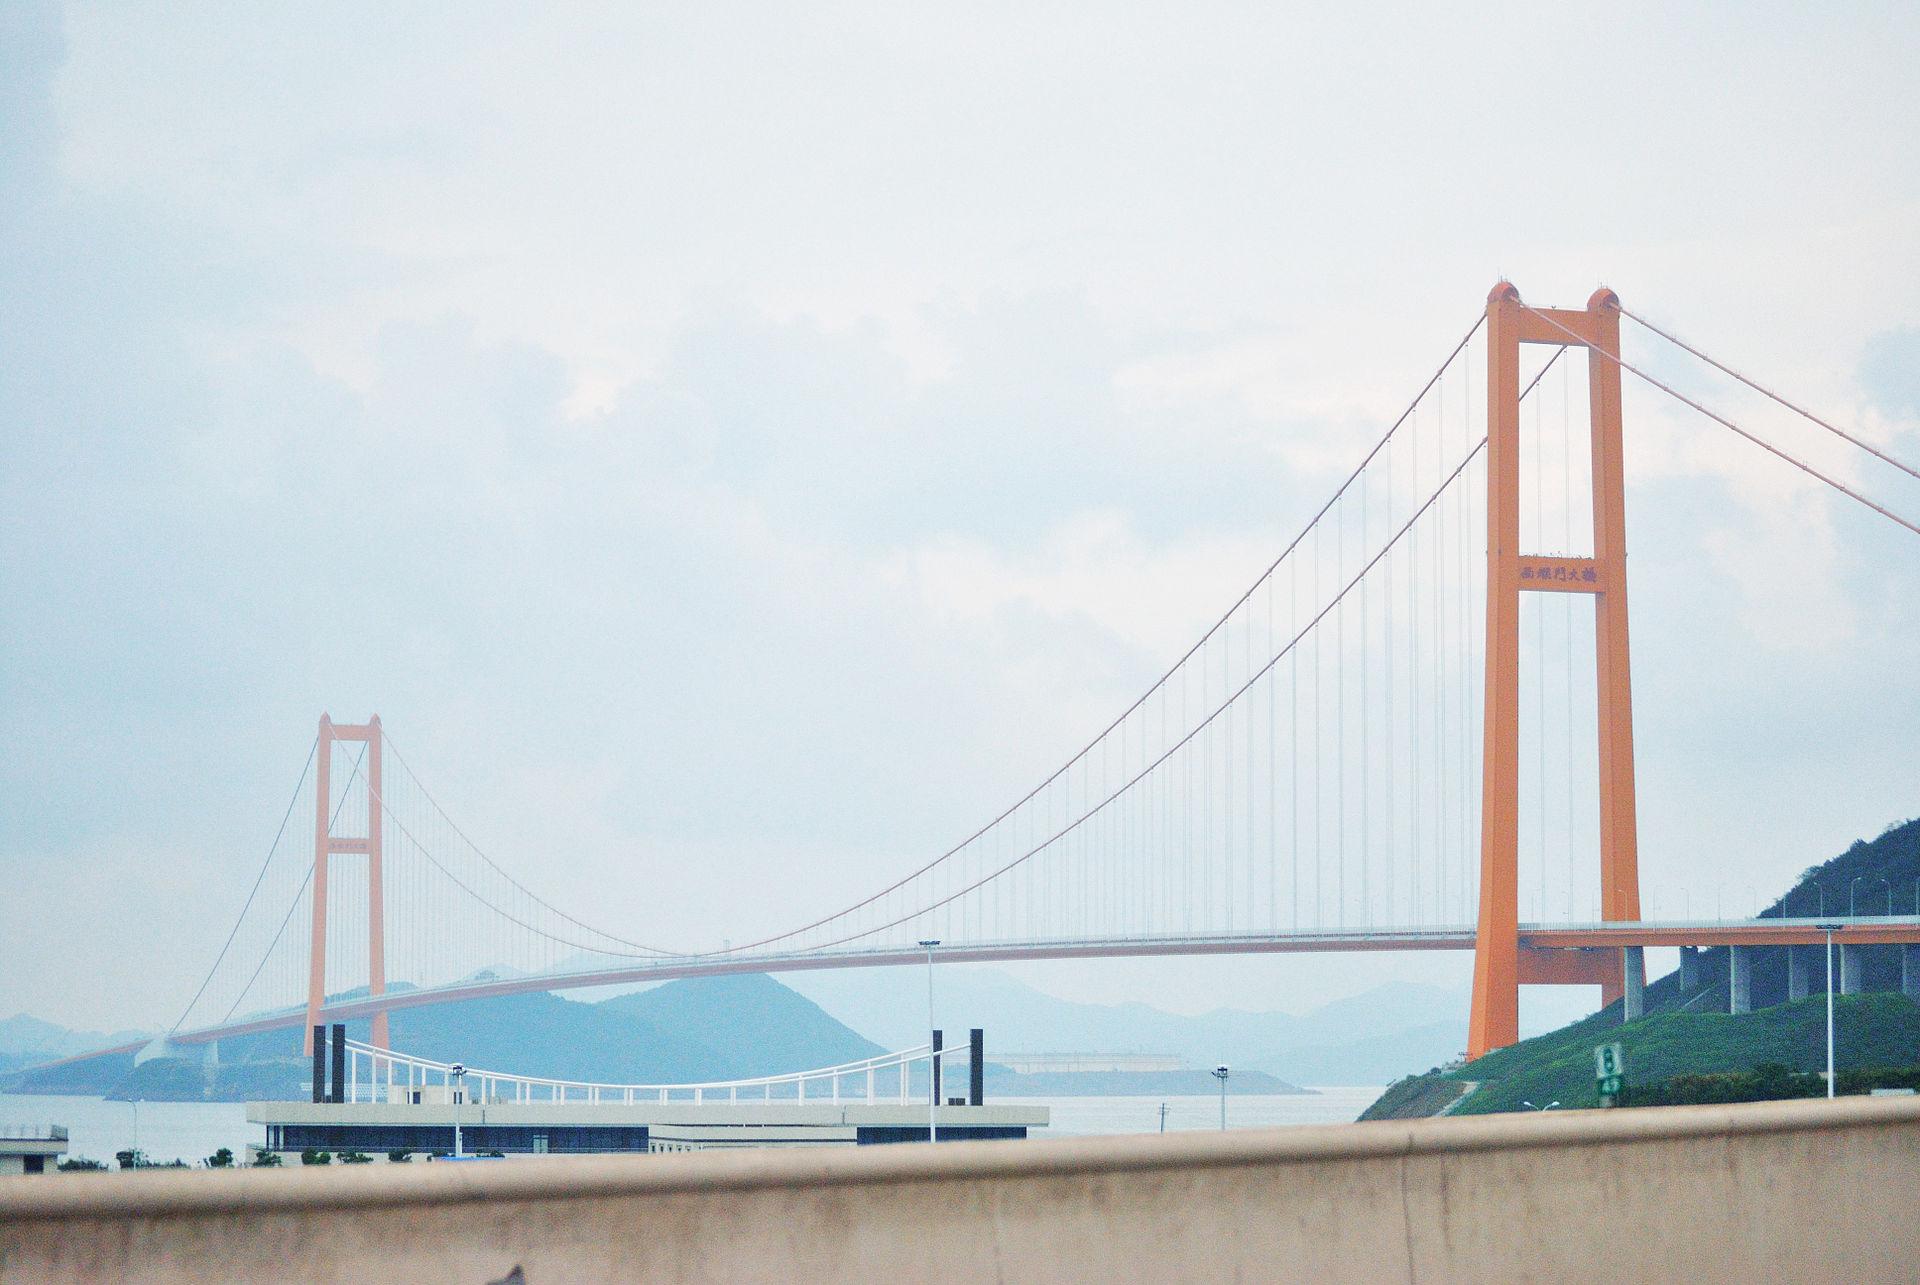 List Of Bridges In Zhejiang Wikipedia